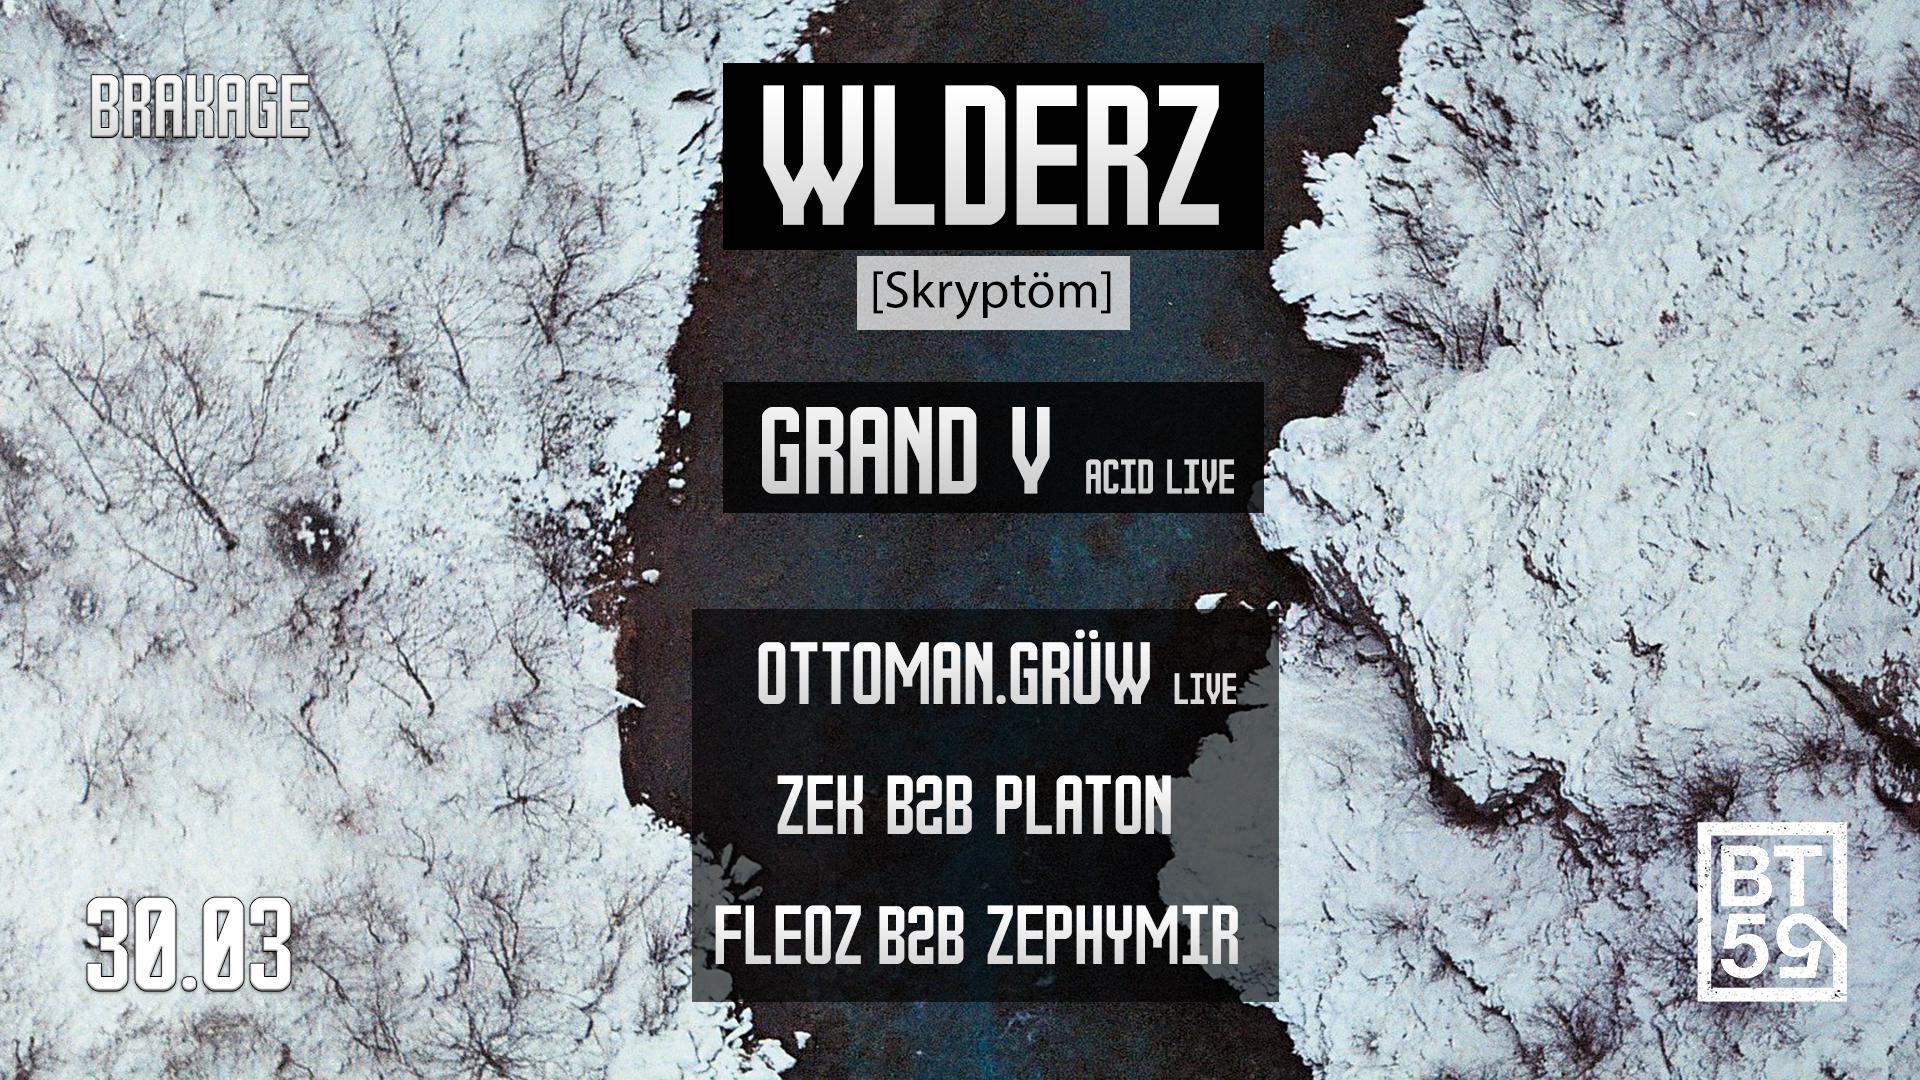 ☾ Brakage invite Wlderz (Skryptöm)